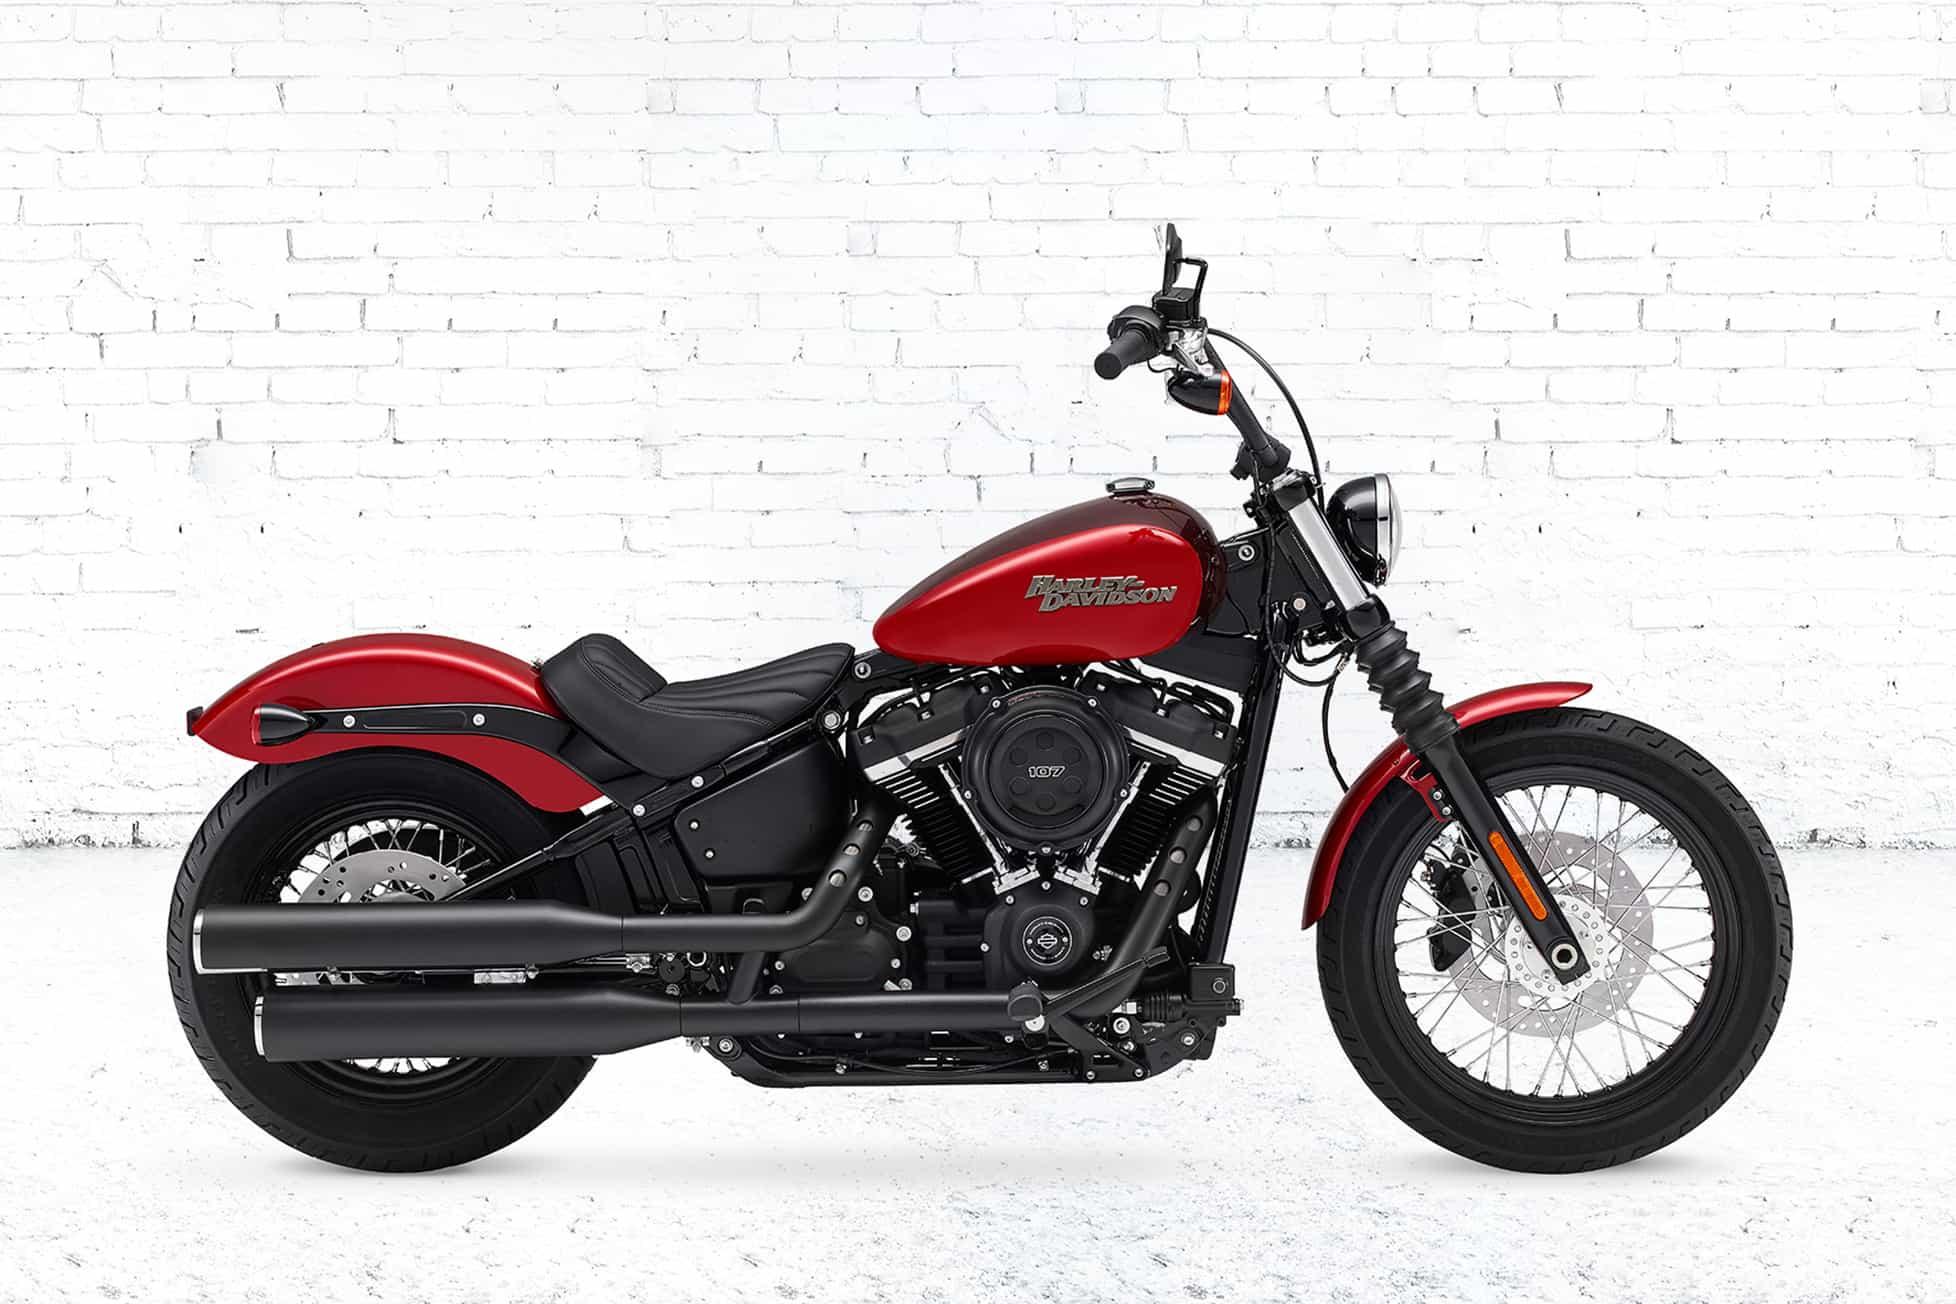 2018 Harley-Davidson® Softail Street Bob